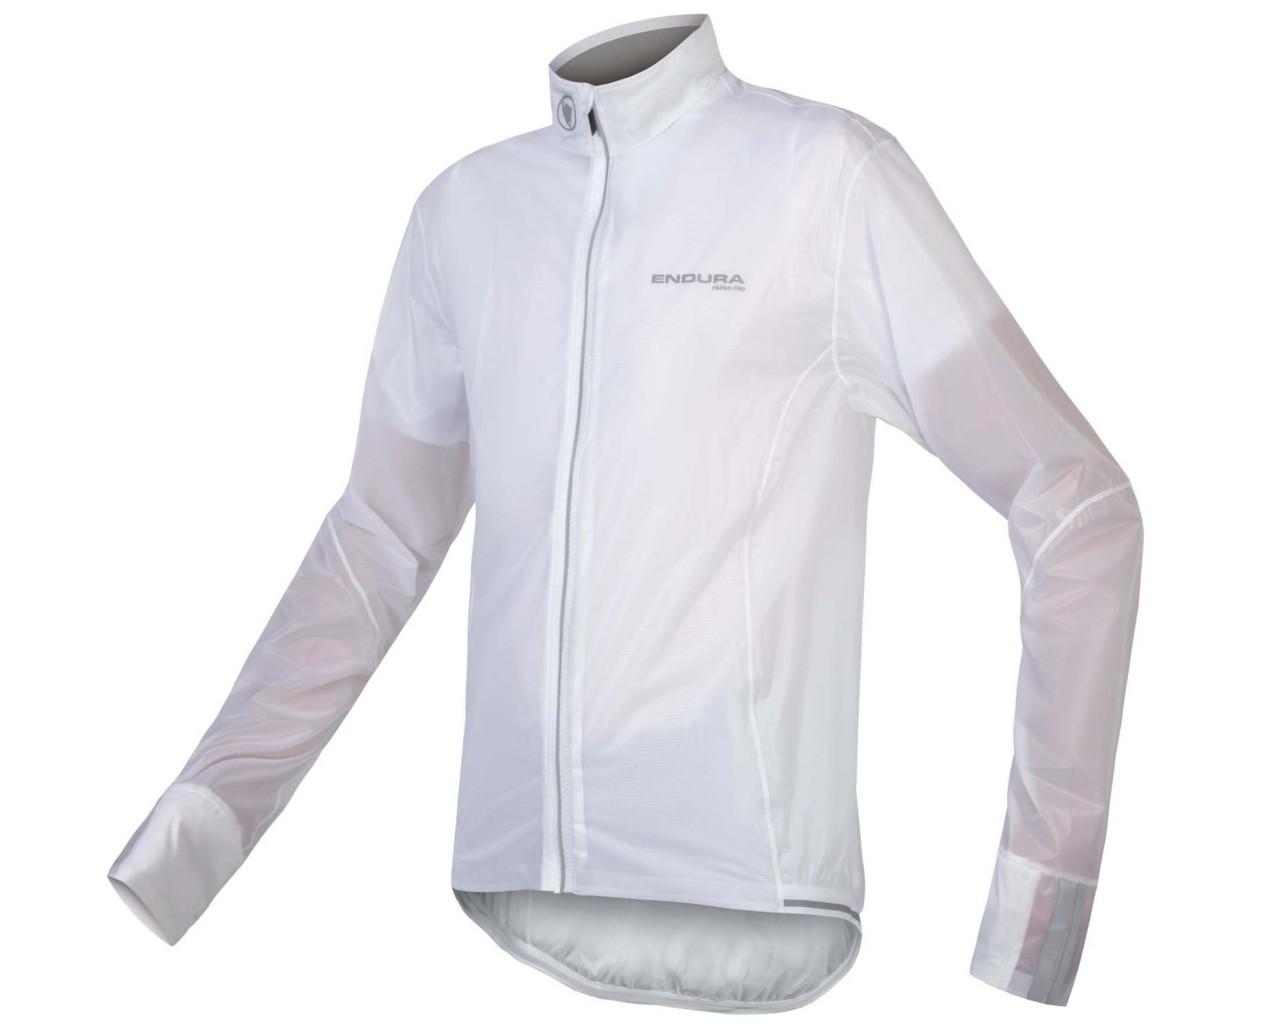 Endura FS260-Pro Adrenaline Race Cape II Regenjacke   white